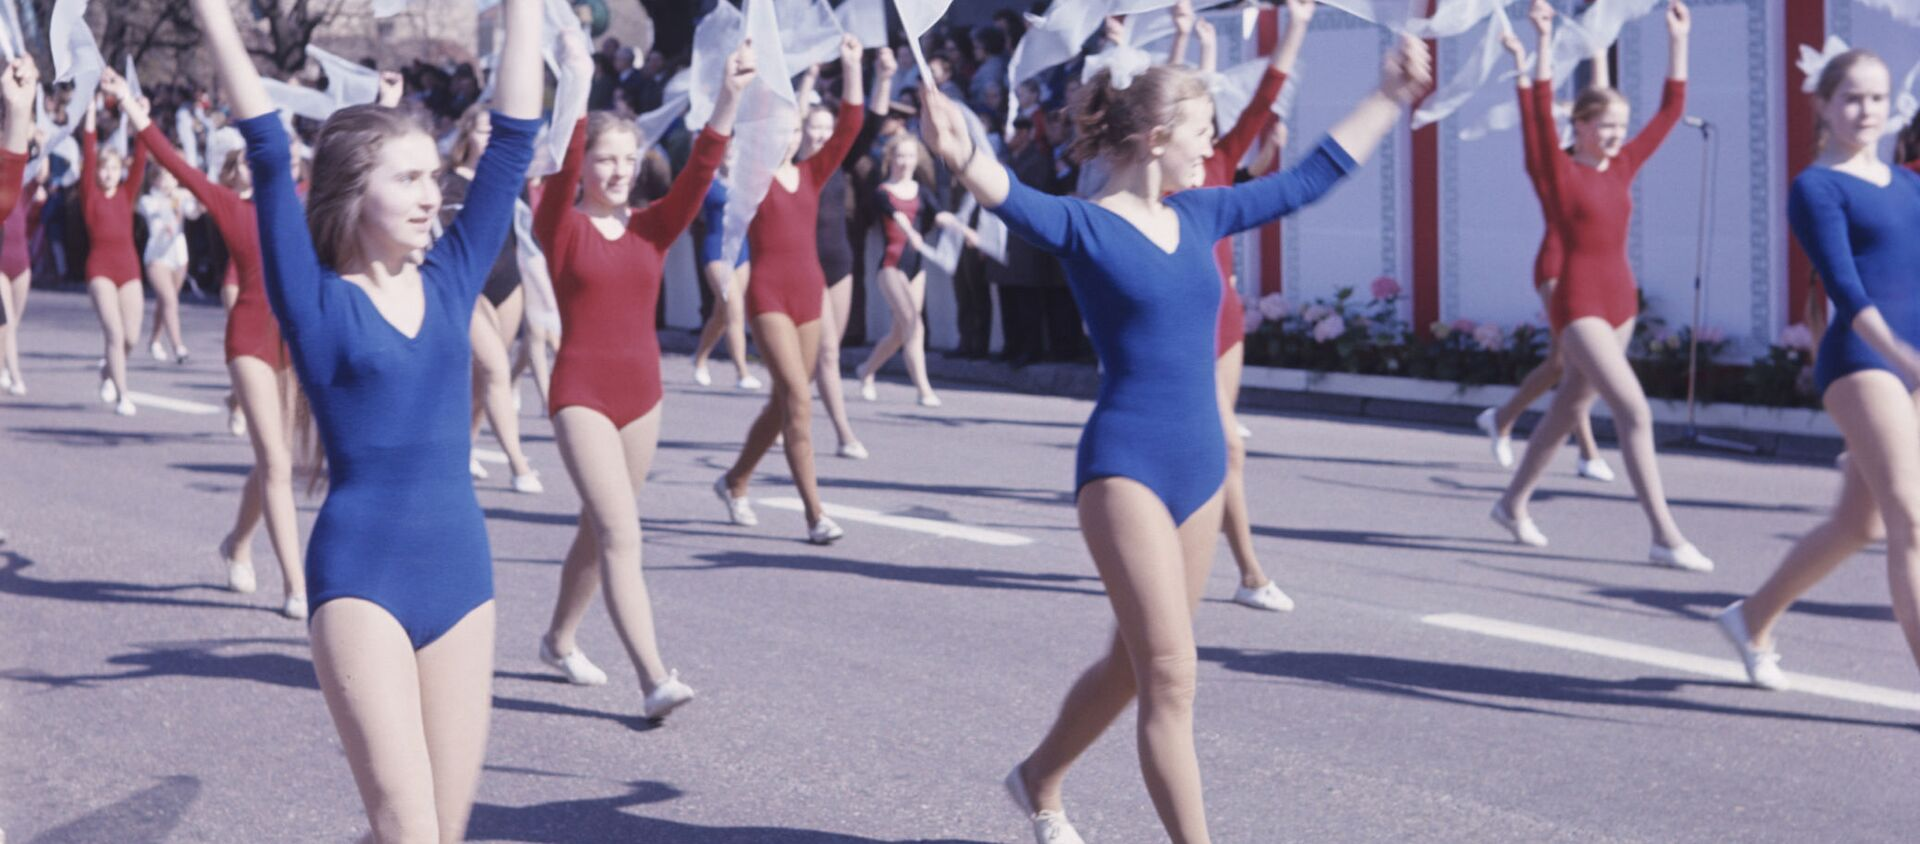 Cuộc diễu hành của các vận động viên trong cuộc tuần hành Ngày 1 tháng Năm ở Vilnius, 1973 - Sputnik Việt Nam, 1920, 01.05.2020